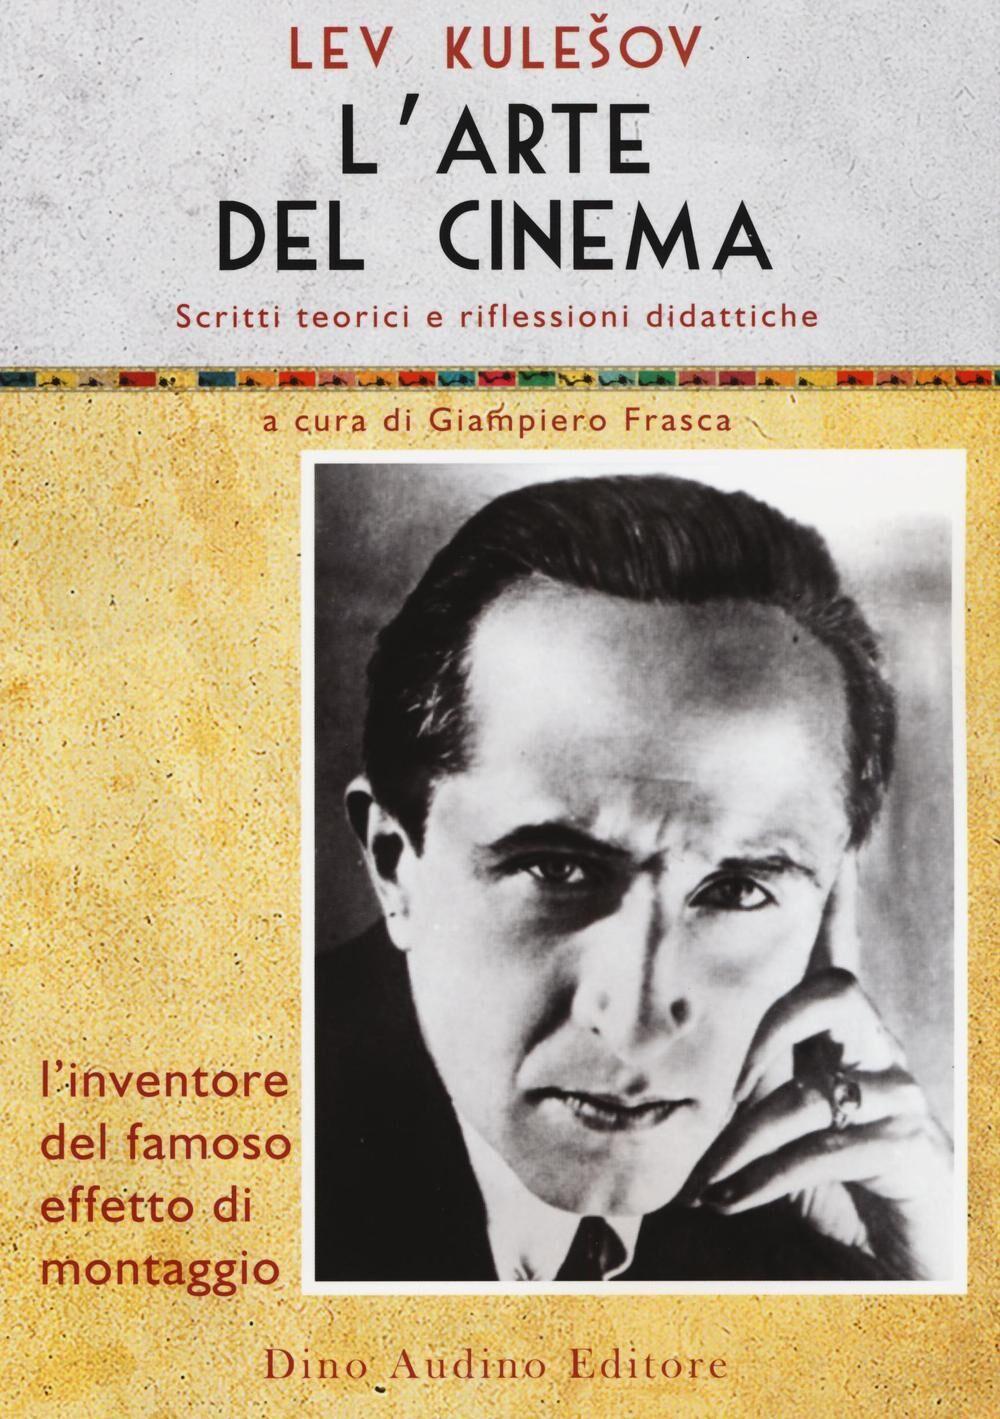 L' arte del cinema. Scritti teorici e riflessioni didattiche